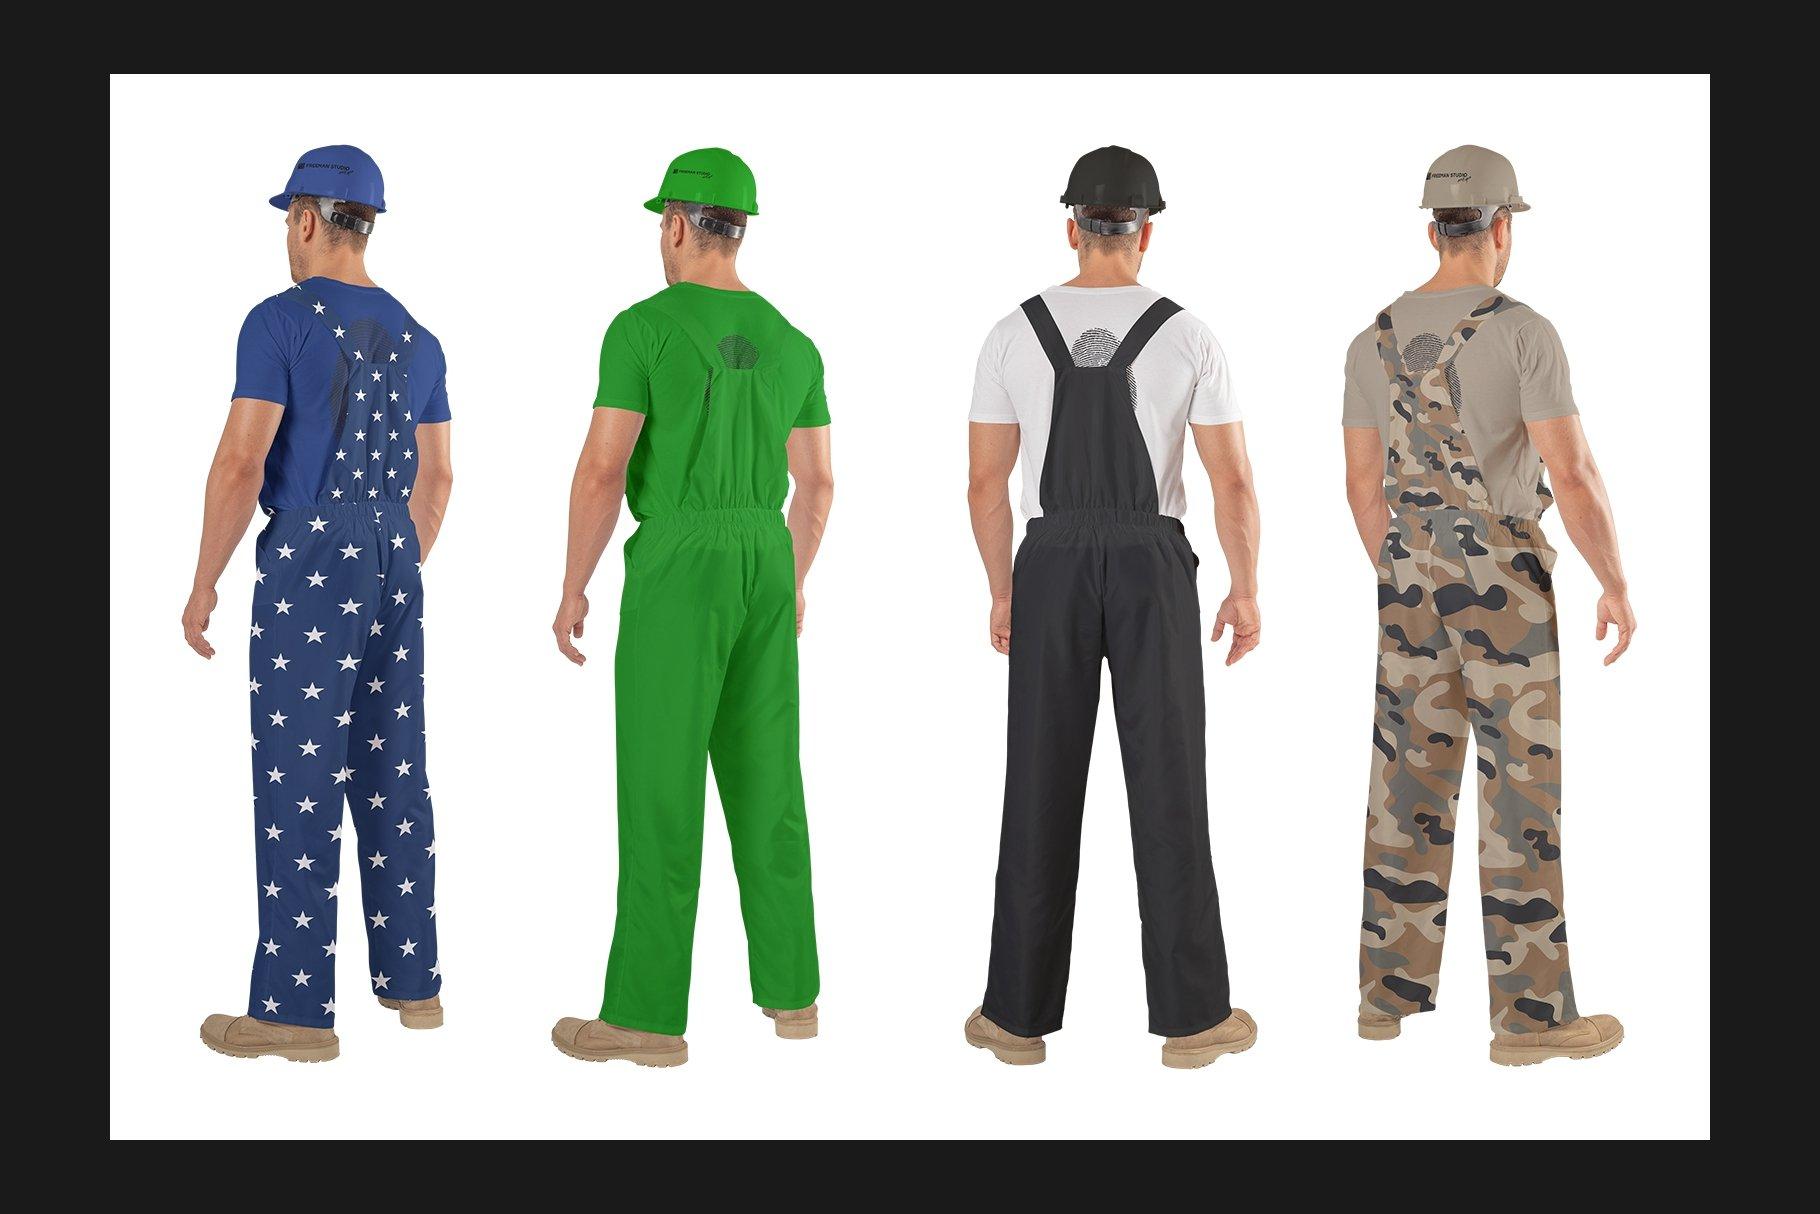 45个超大工装帽子安全帽品牌Logo设计智能贴图样机PSD模版素材 Working Overalls Suit Mock-Up Set插图7